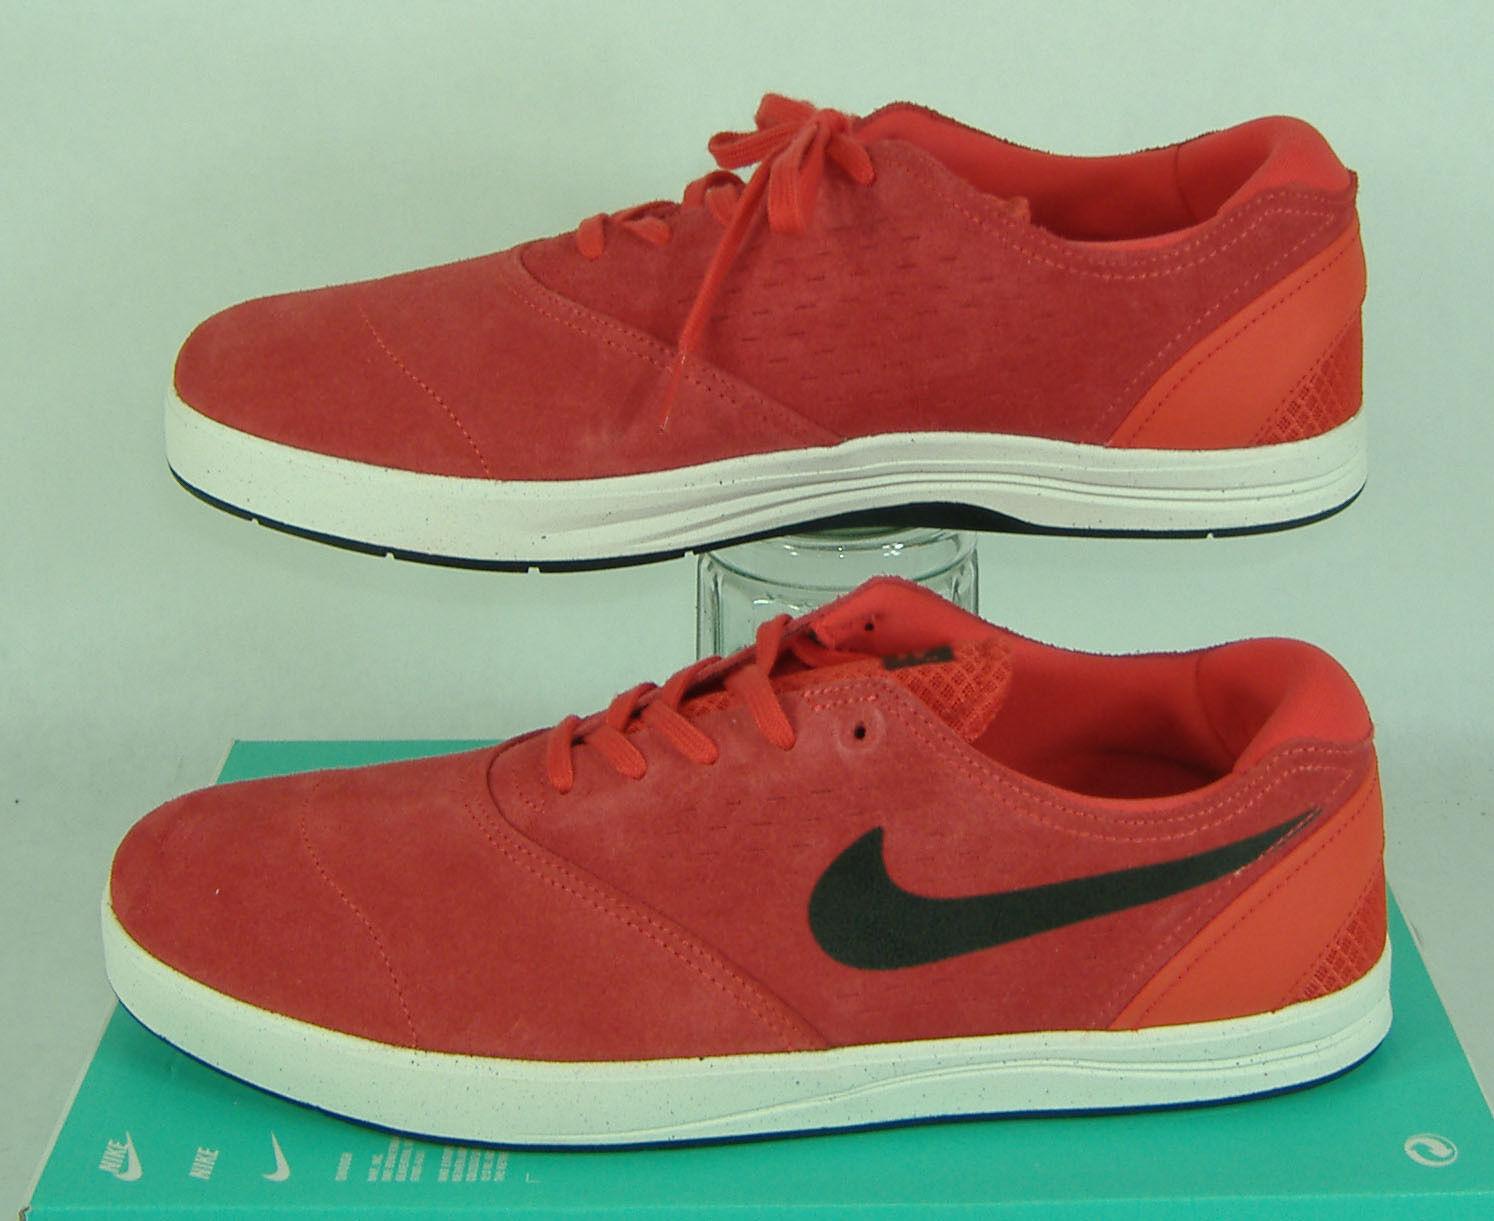 Nuova Uomo 13 nike sb koston 2 rosso di pelle di camoscio scarpe da skateboard 90 580418-603